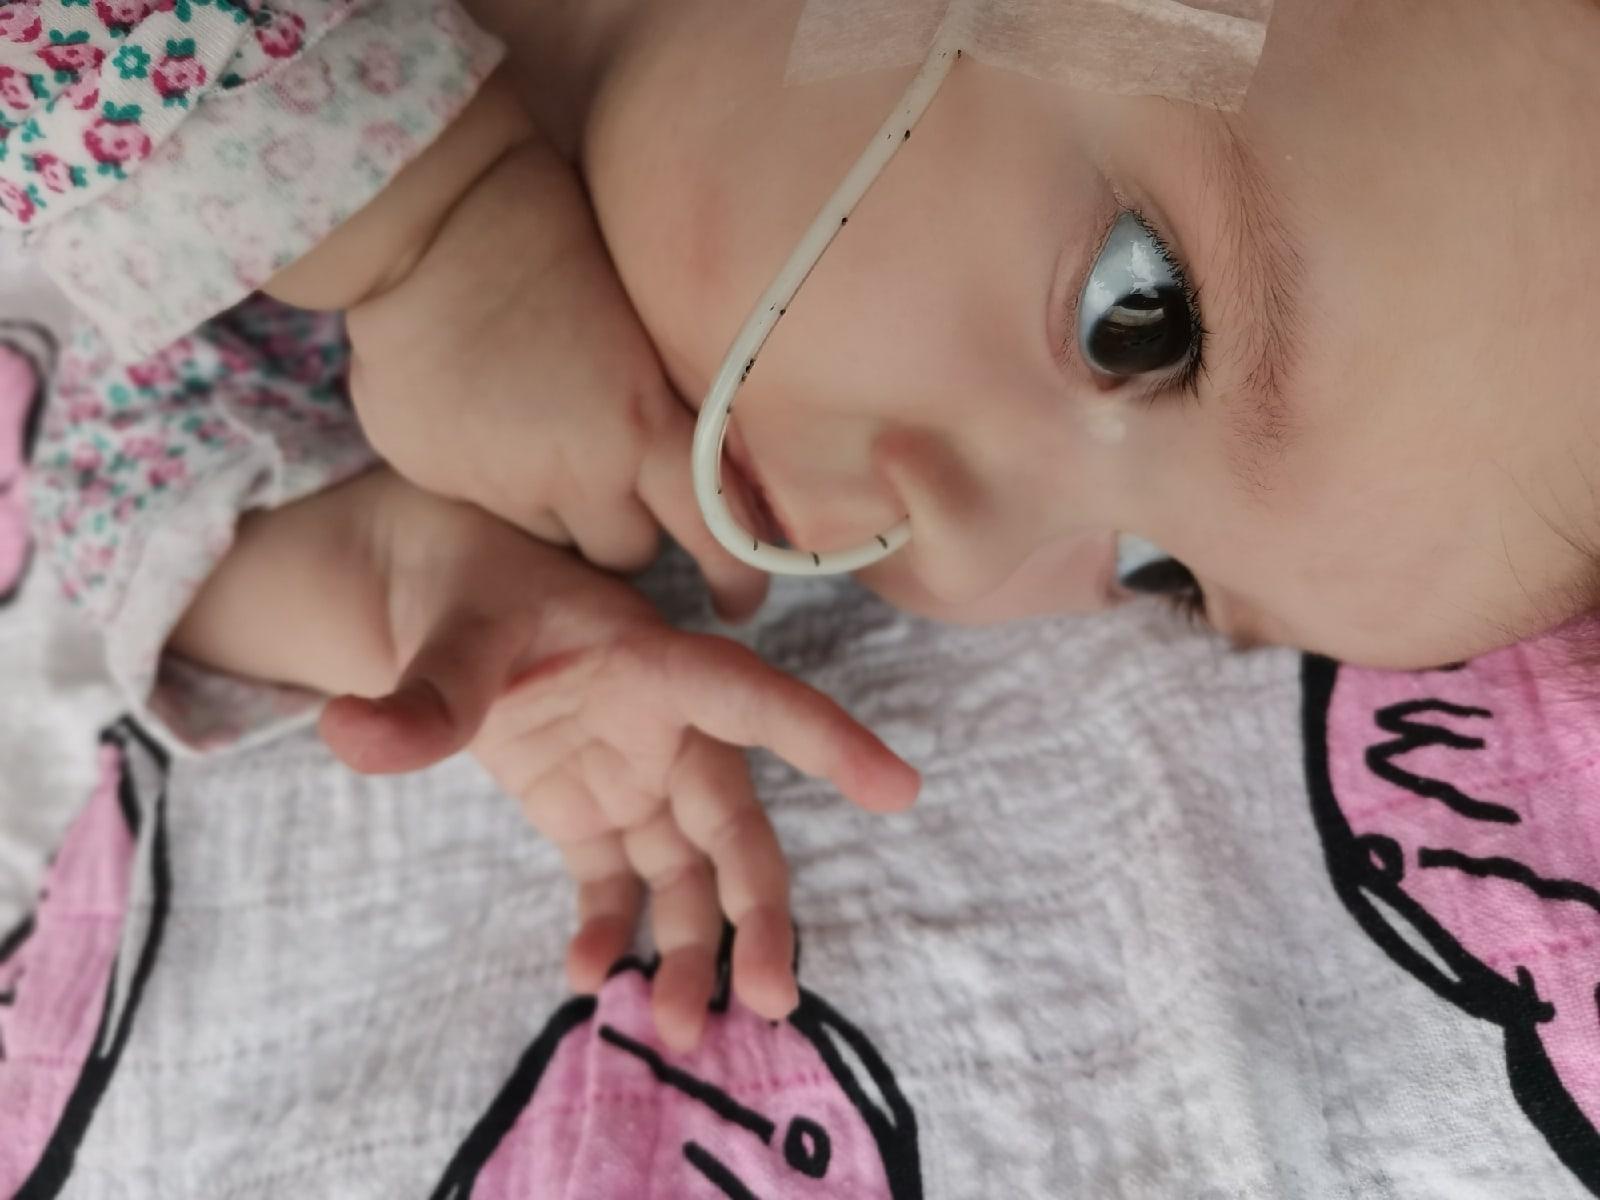 София Жагунь пока получает питание через зонд. Фото предоставлено Юлией ЖАГУНЬ